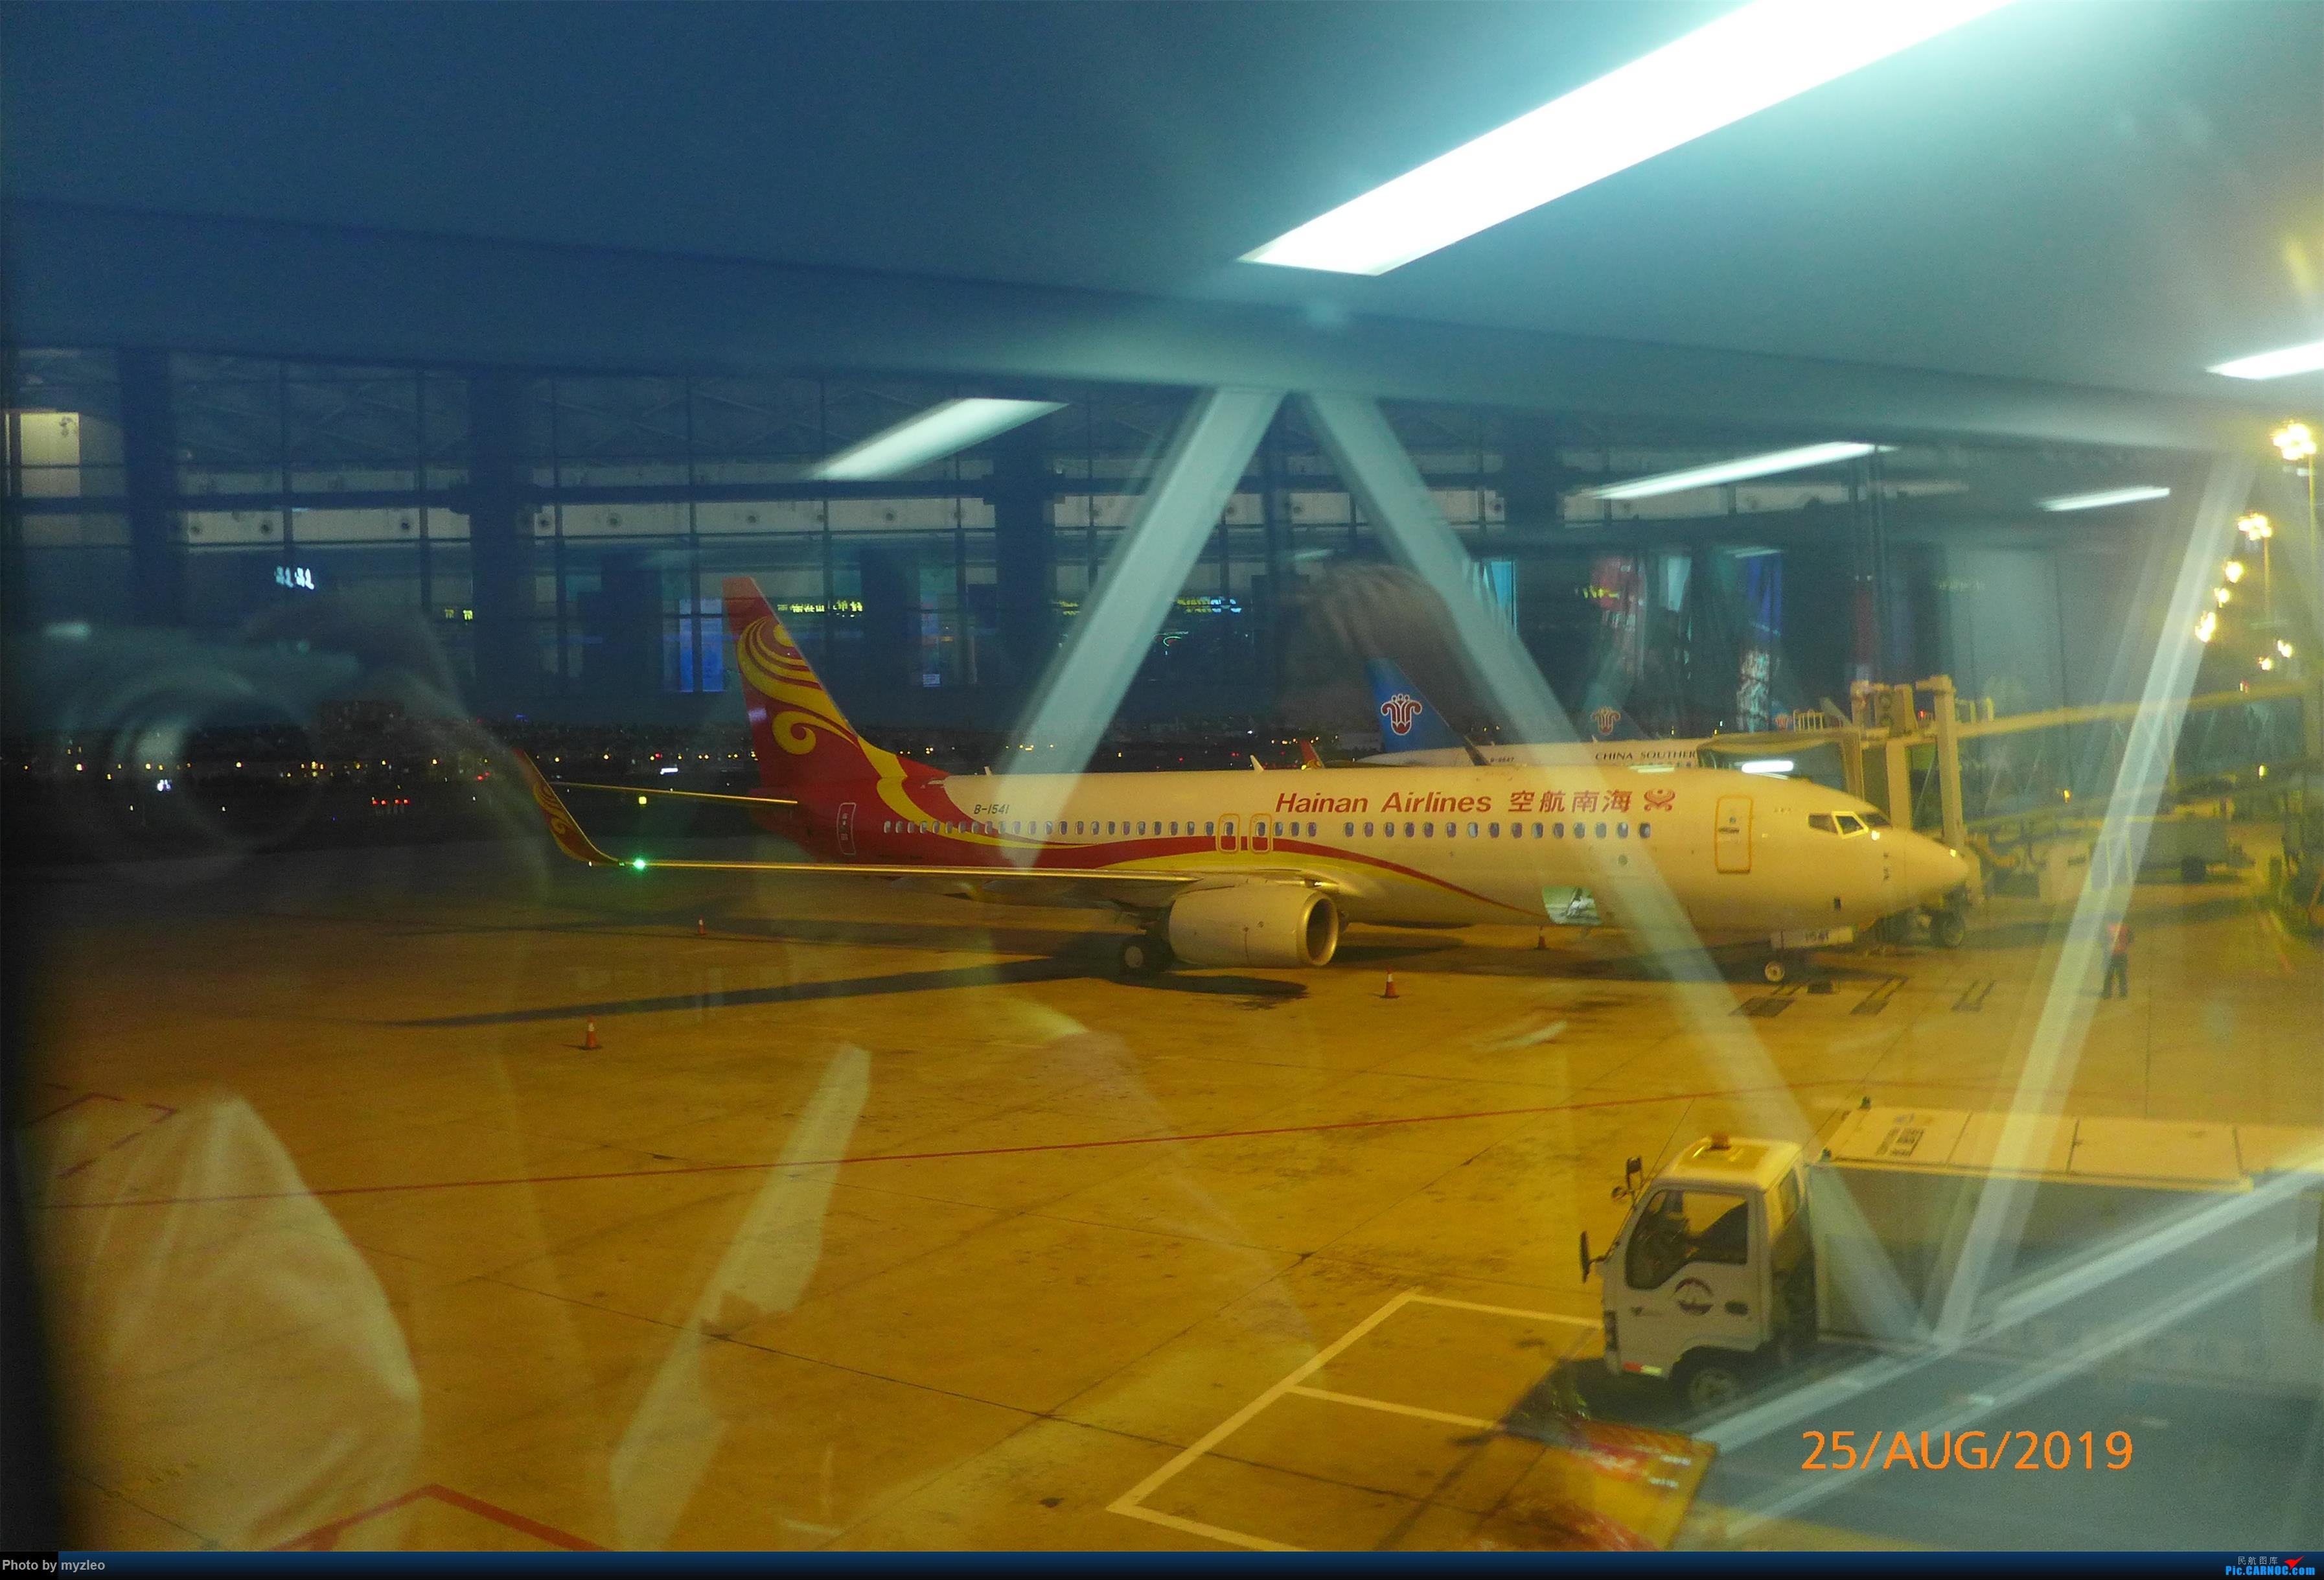 Re:[原创]【myzleo的游记5.3】在大连各景点穿梭不停,坐东航319返回上海 BOEING 737-800 B-1541 中国大连国际机场